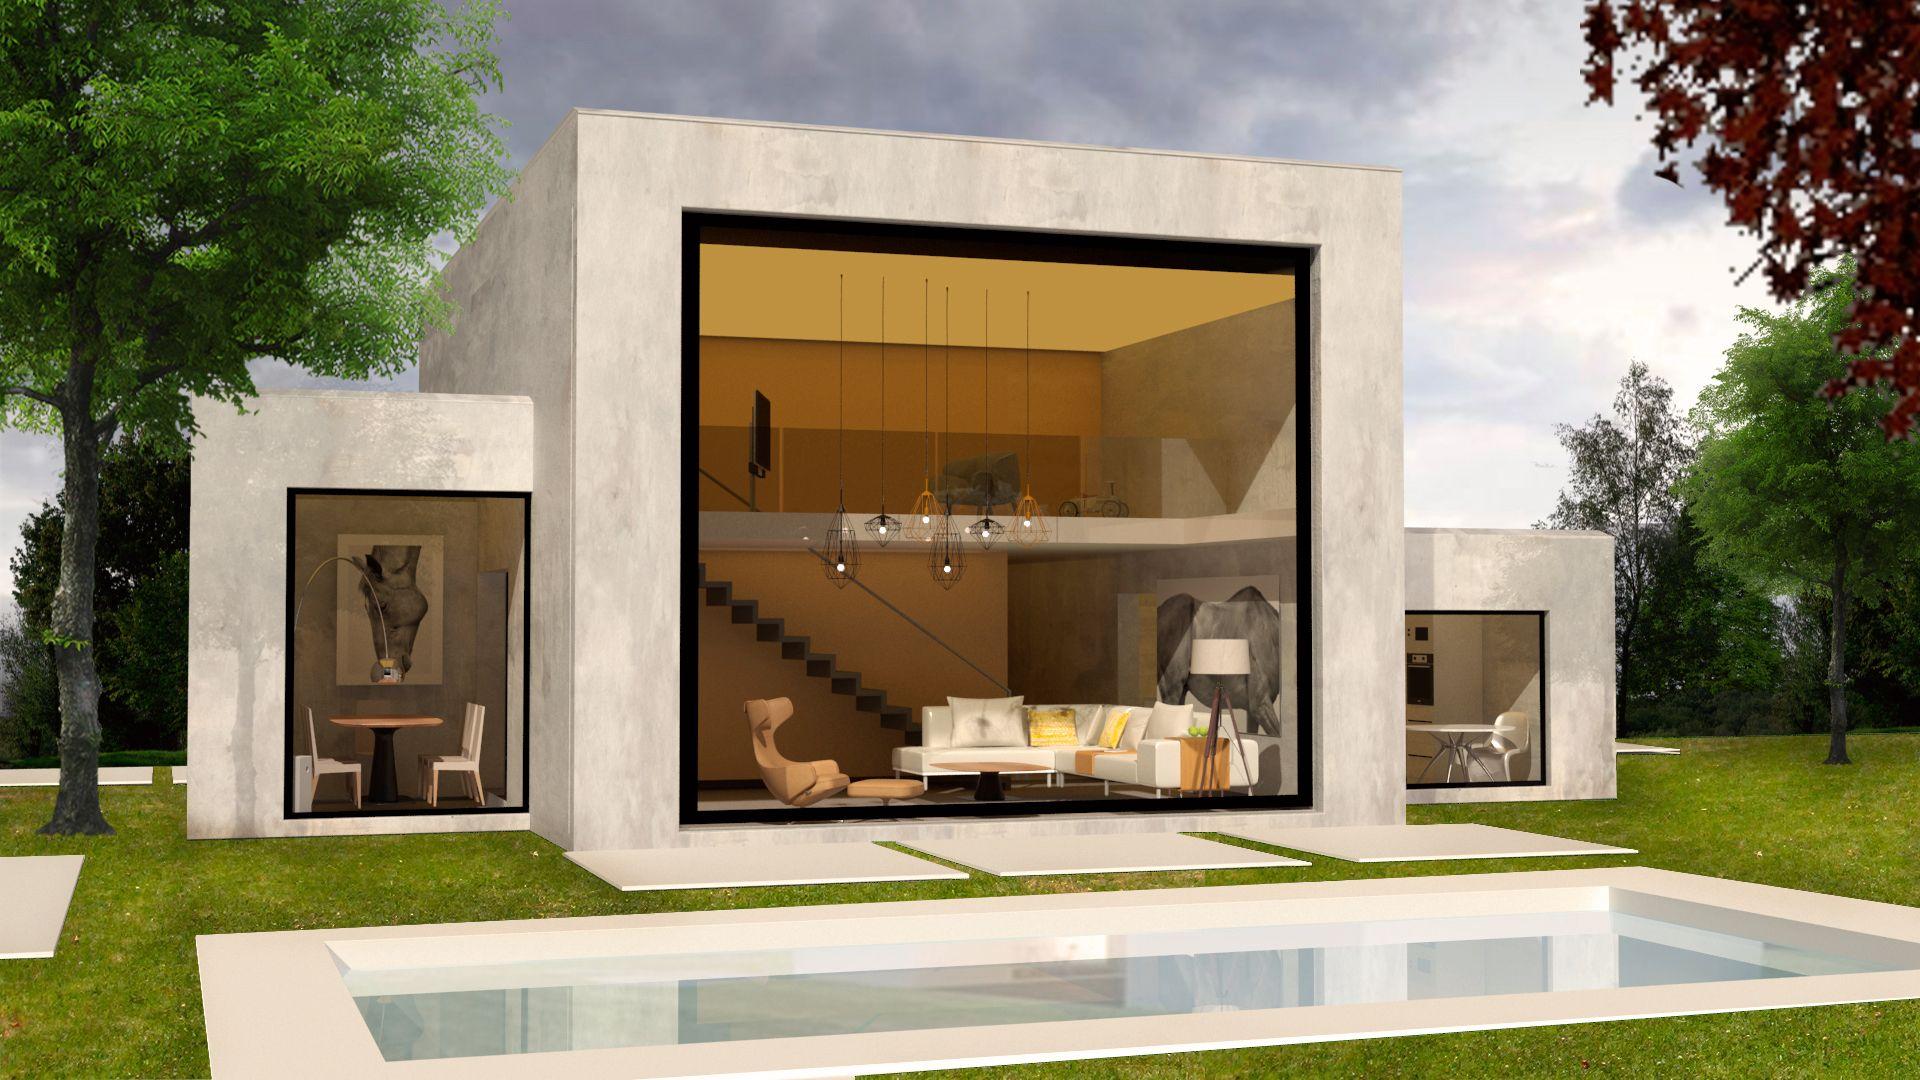 Construcci n de casas y viviendas unifamiliares modernas - Fachadas viviendas unifamiliares ...